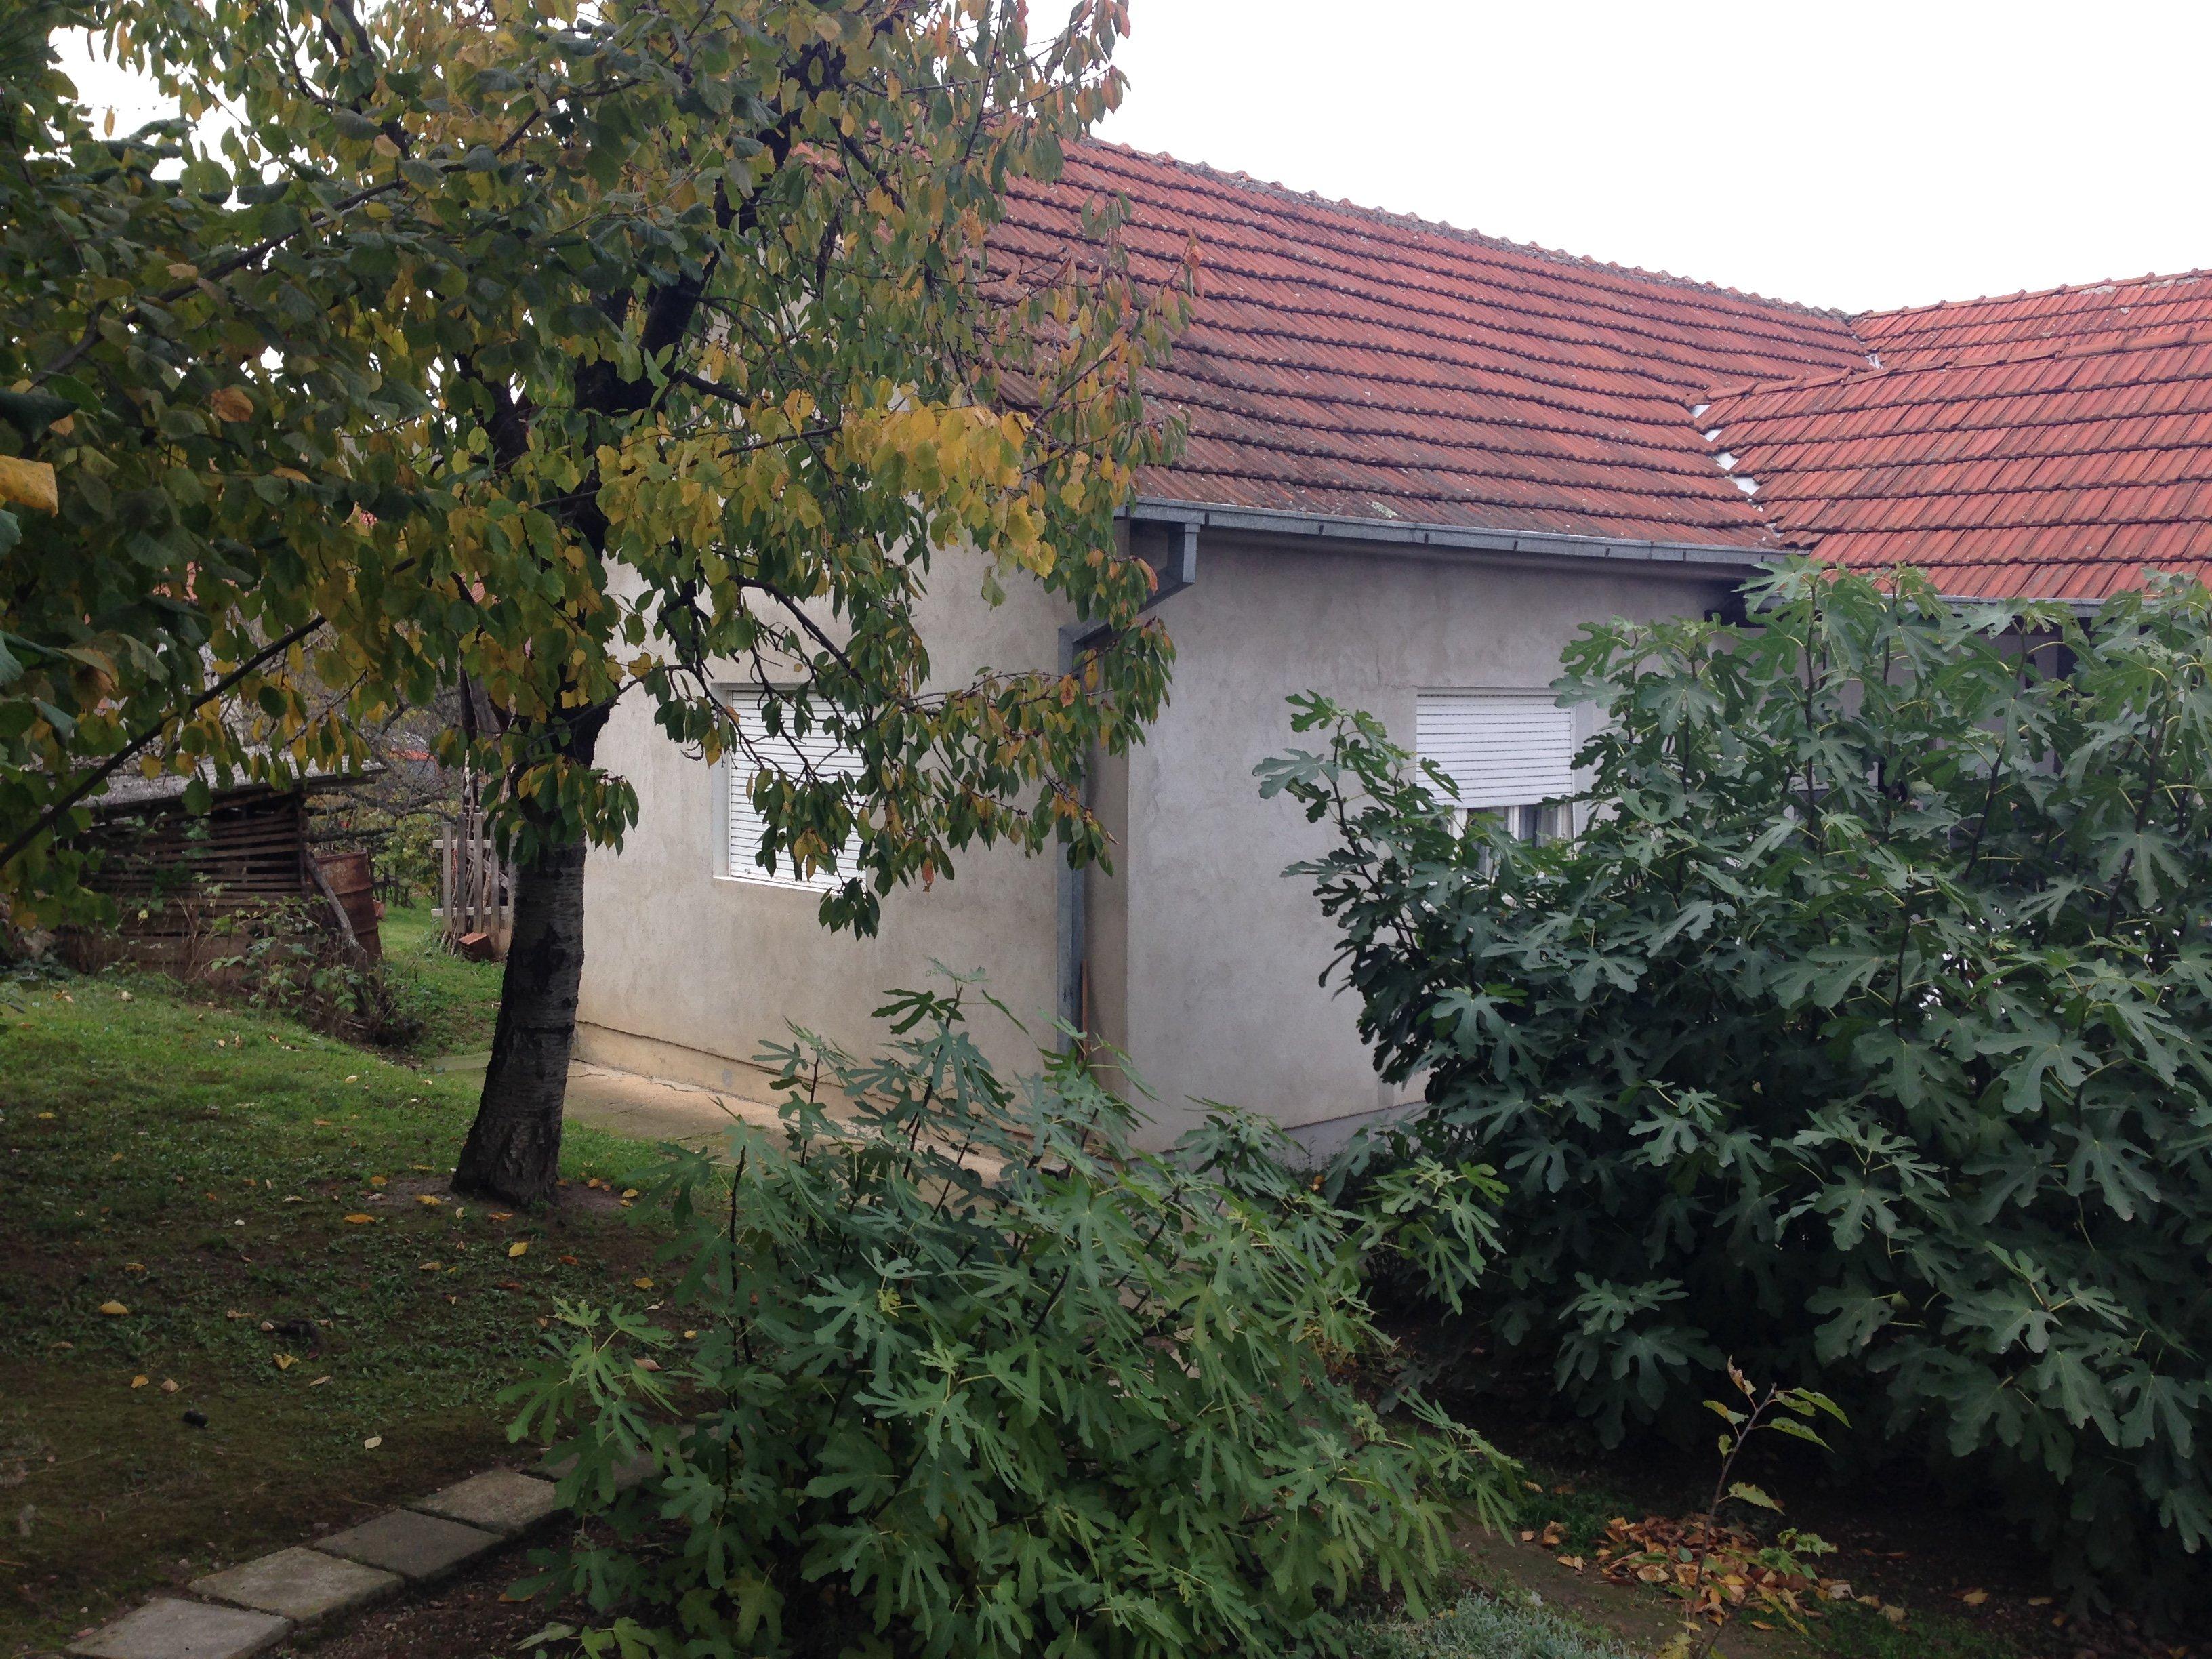 Jeftine kuće u Srbiji po ceni od par hiljada evra